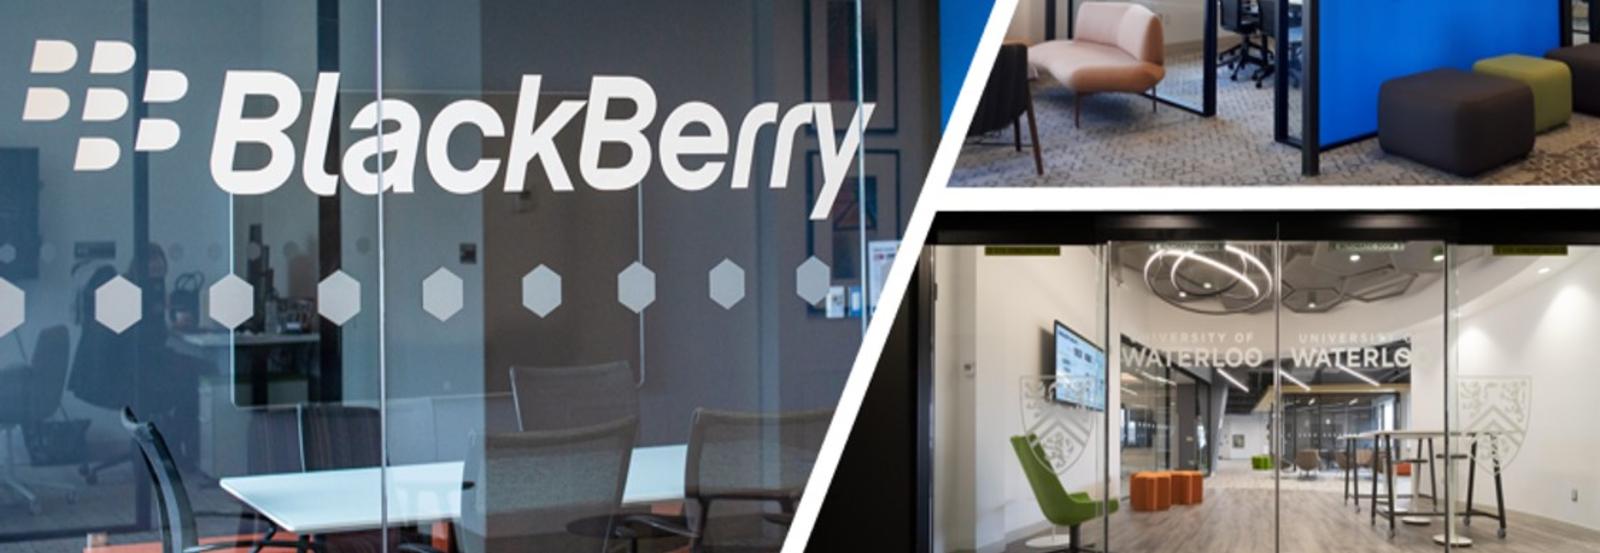 Blackberry and University of Waterloo workspaces